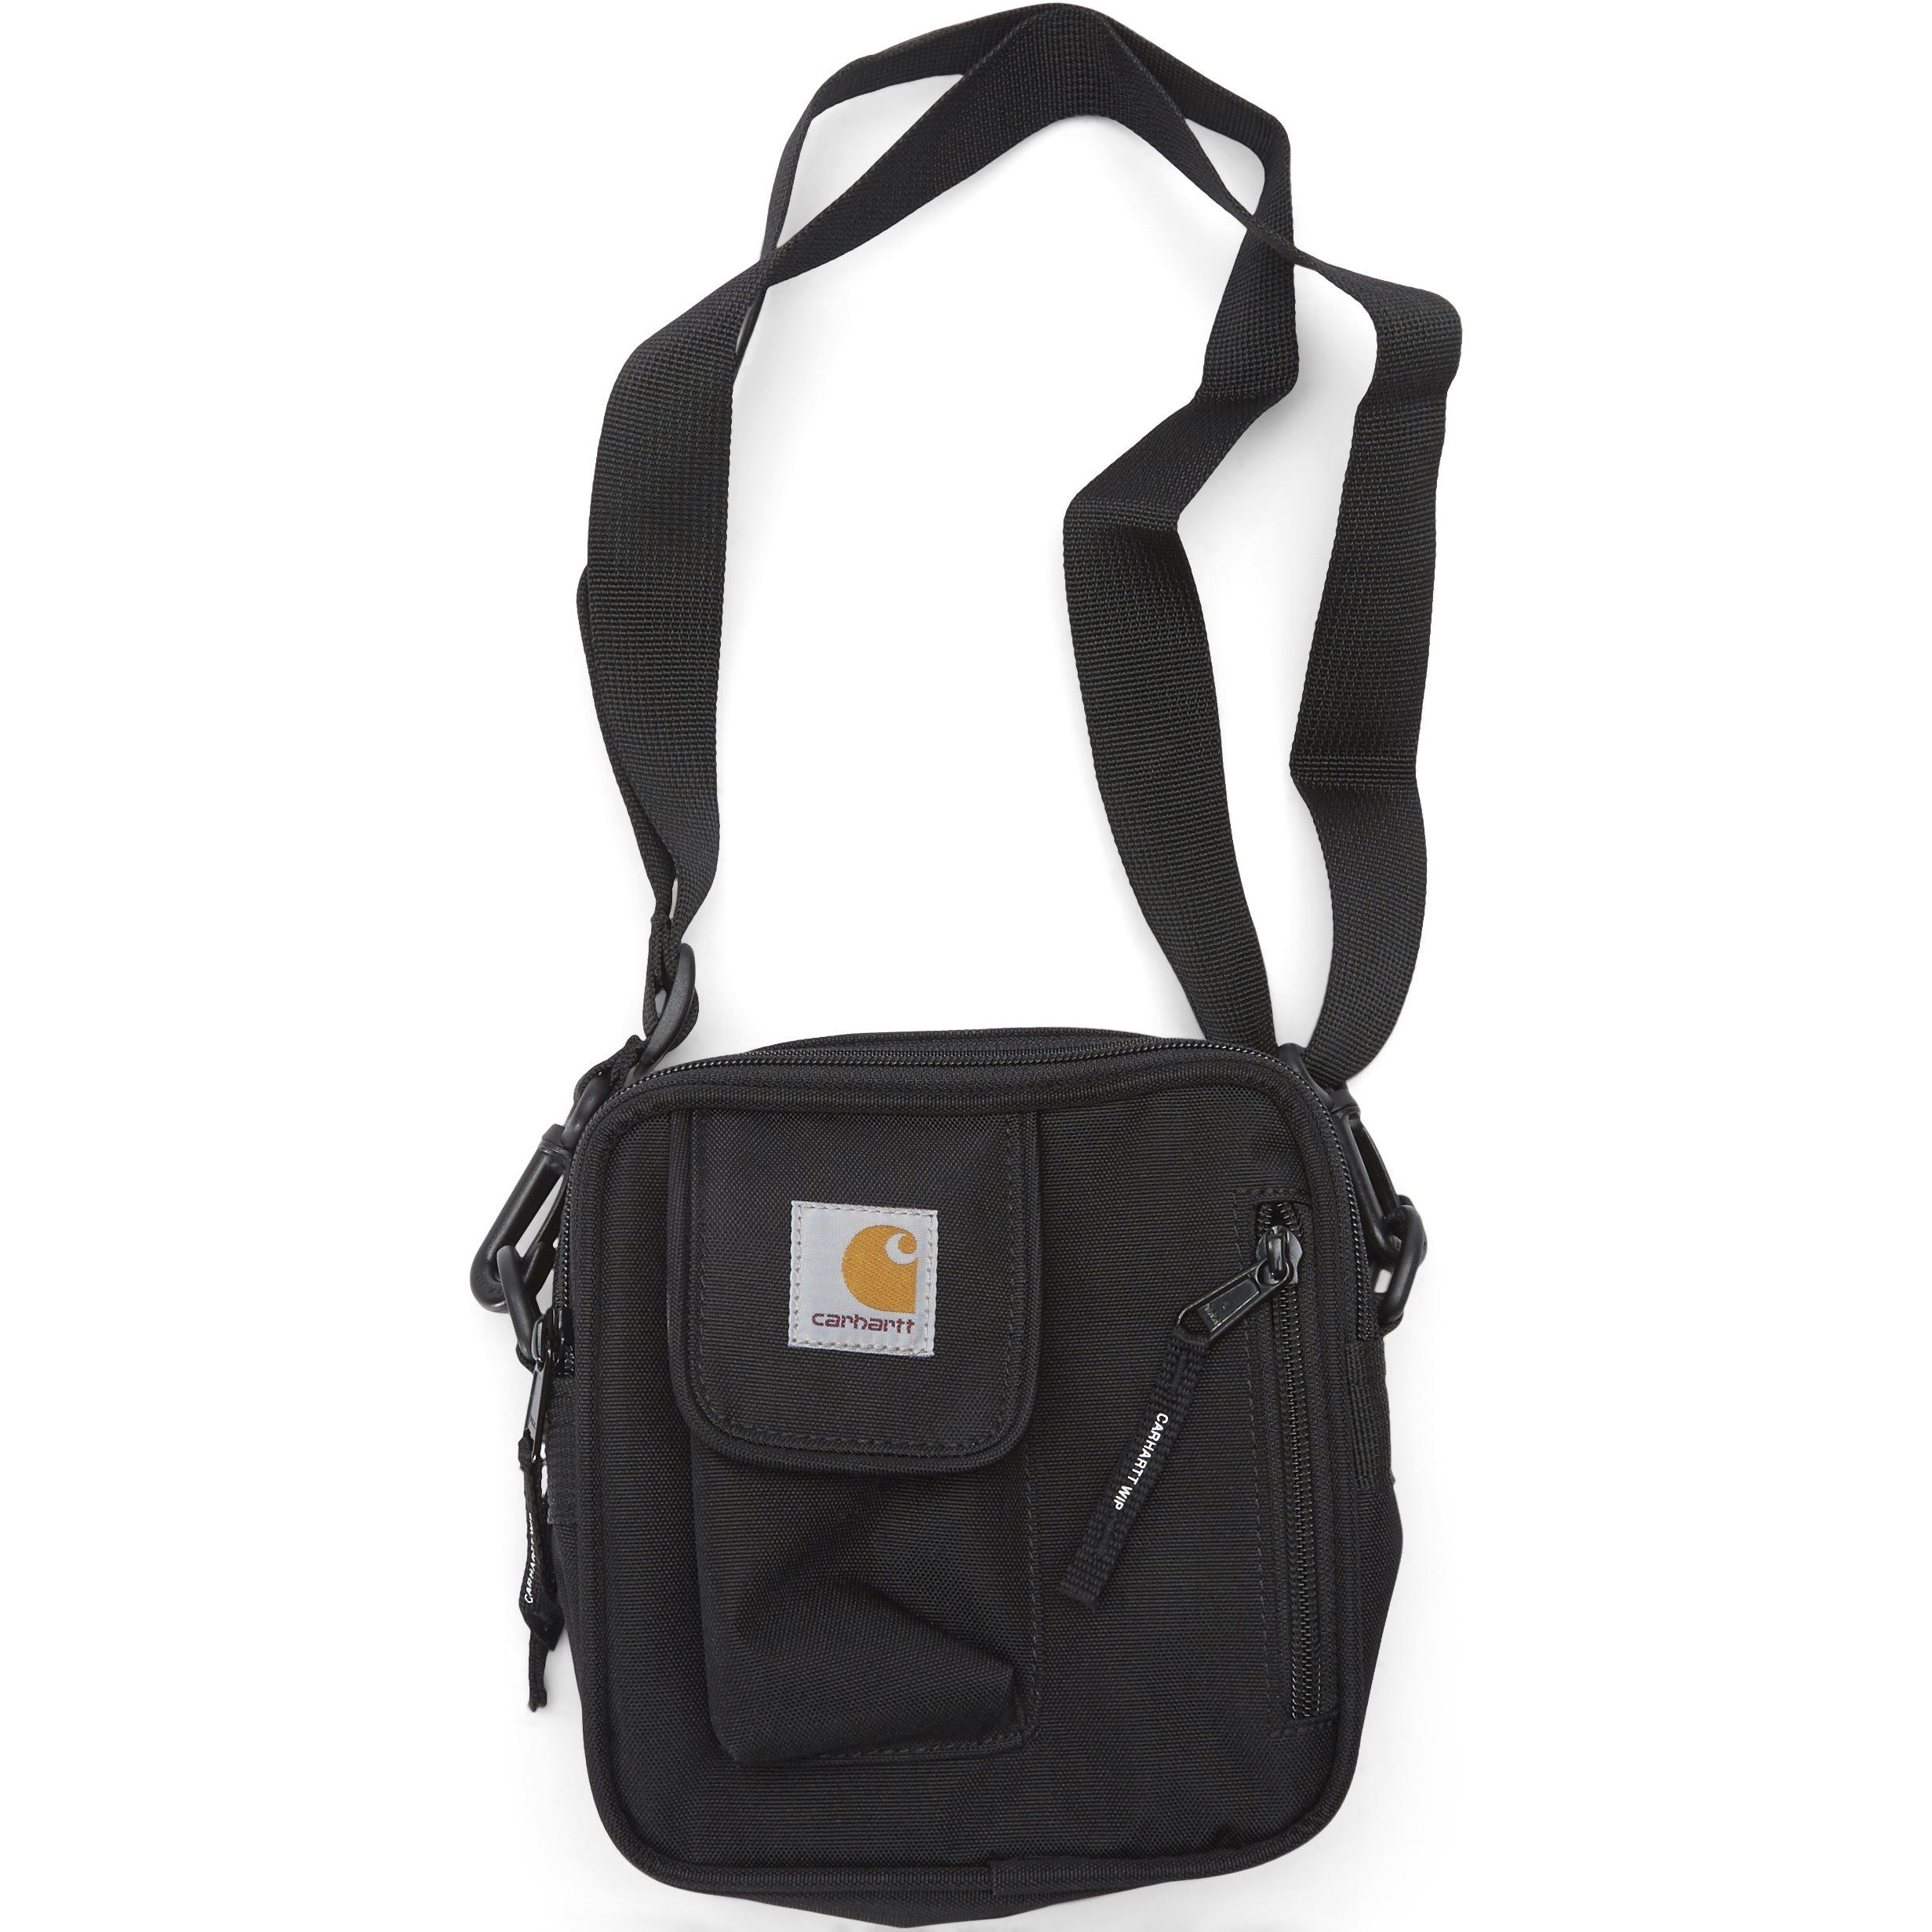 Essentials Small Bag - Tasker - Sort